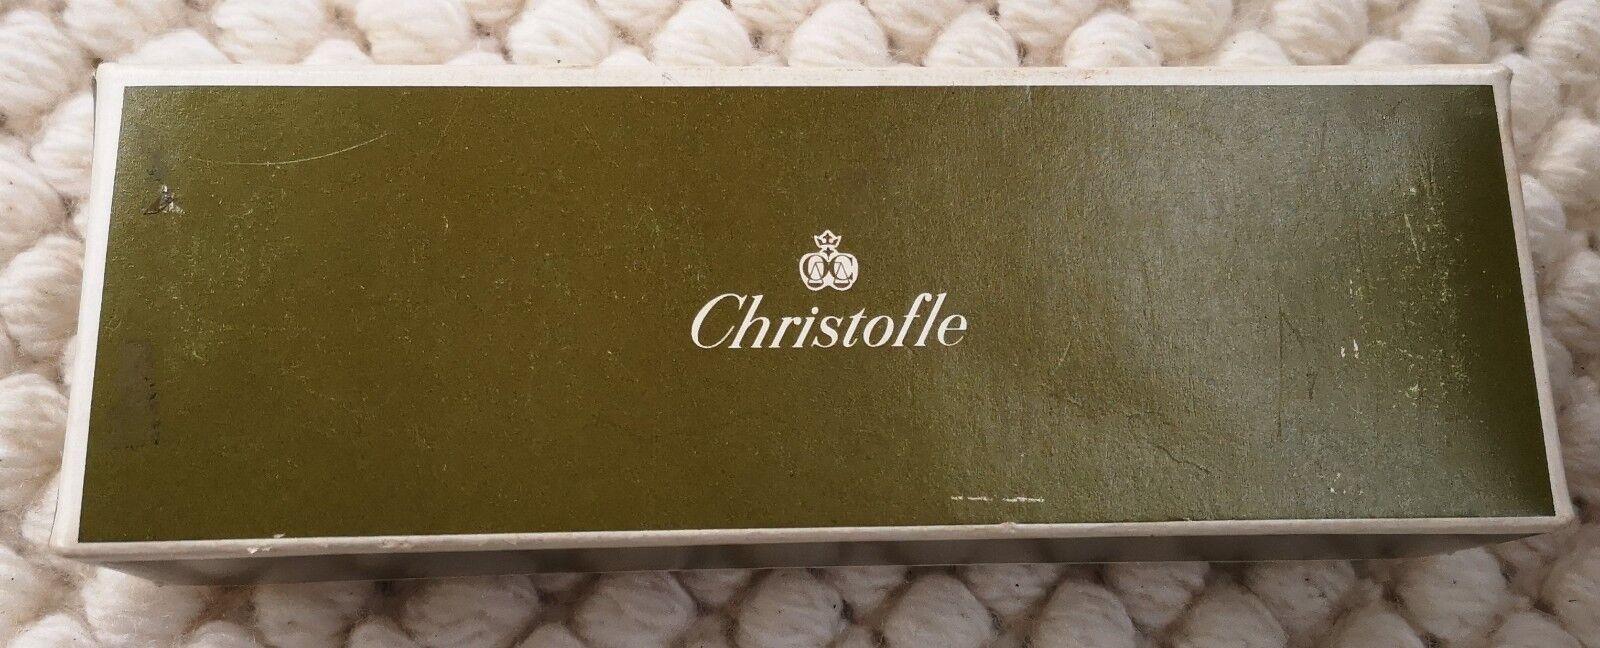 12 fourchettes à huîtres Christofle modèle  Perles Perles Perles  métal Silberé f1ad93